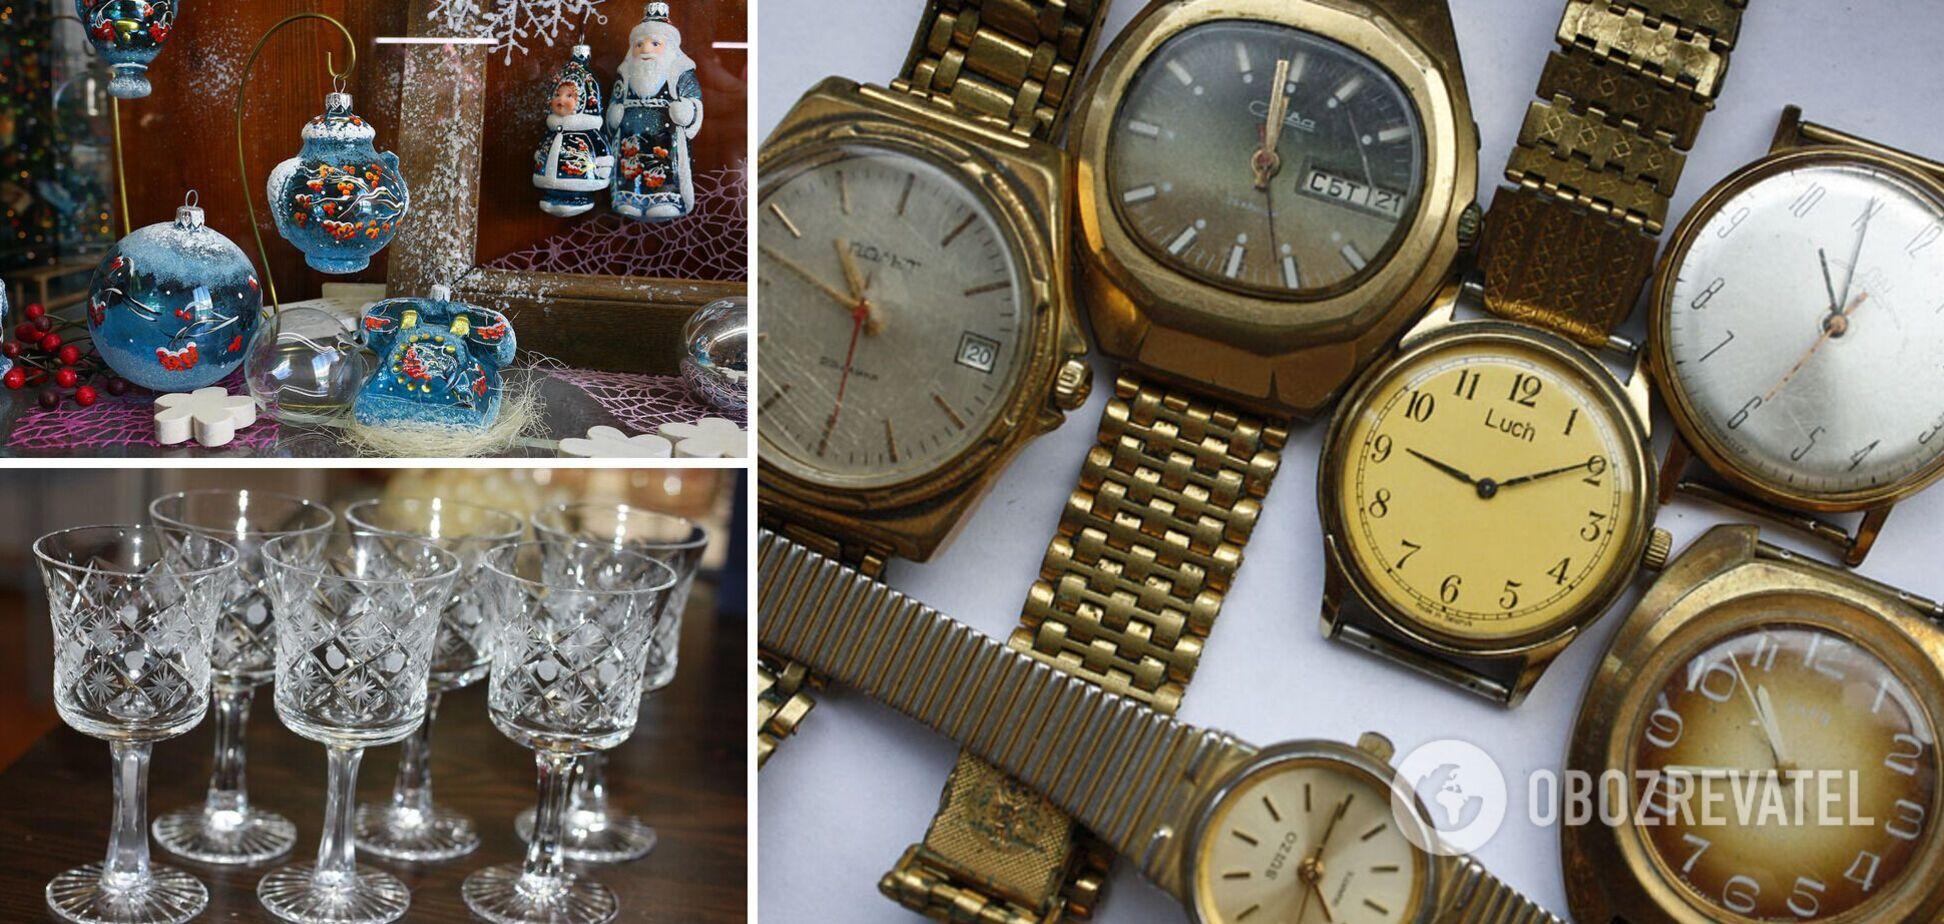 Часы, елочные украшения и посуда сейчас дорого стоит